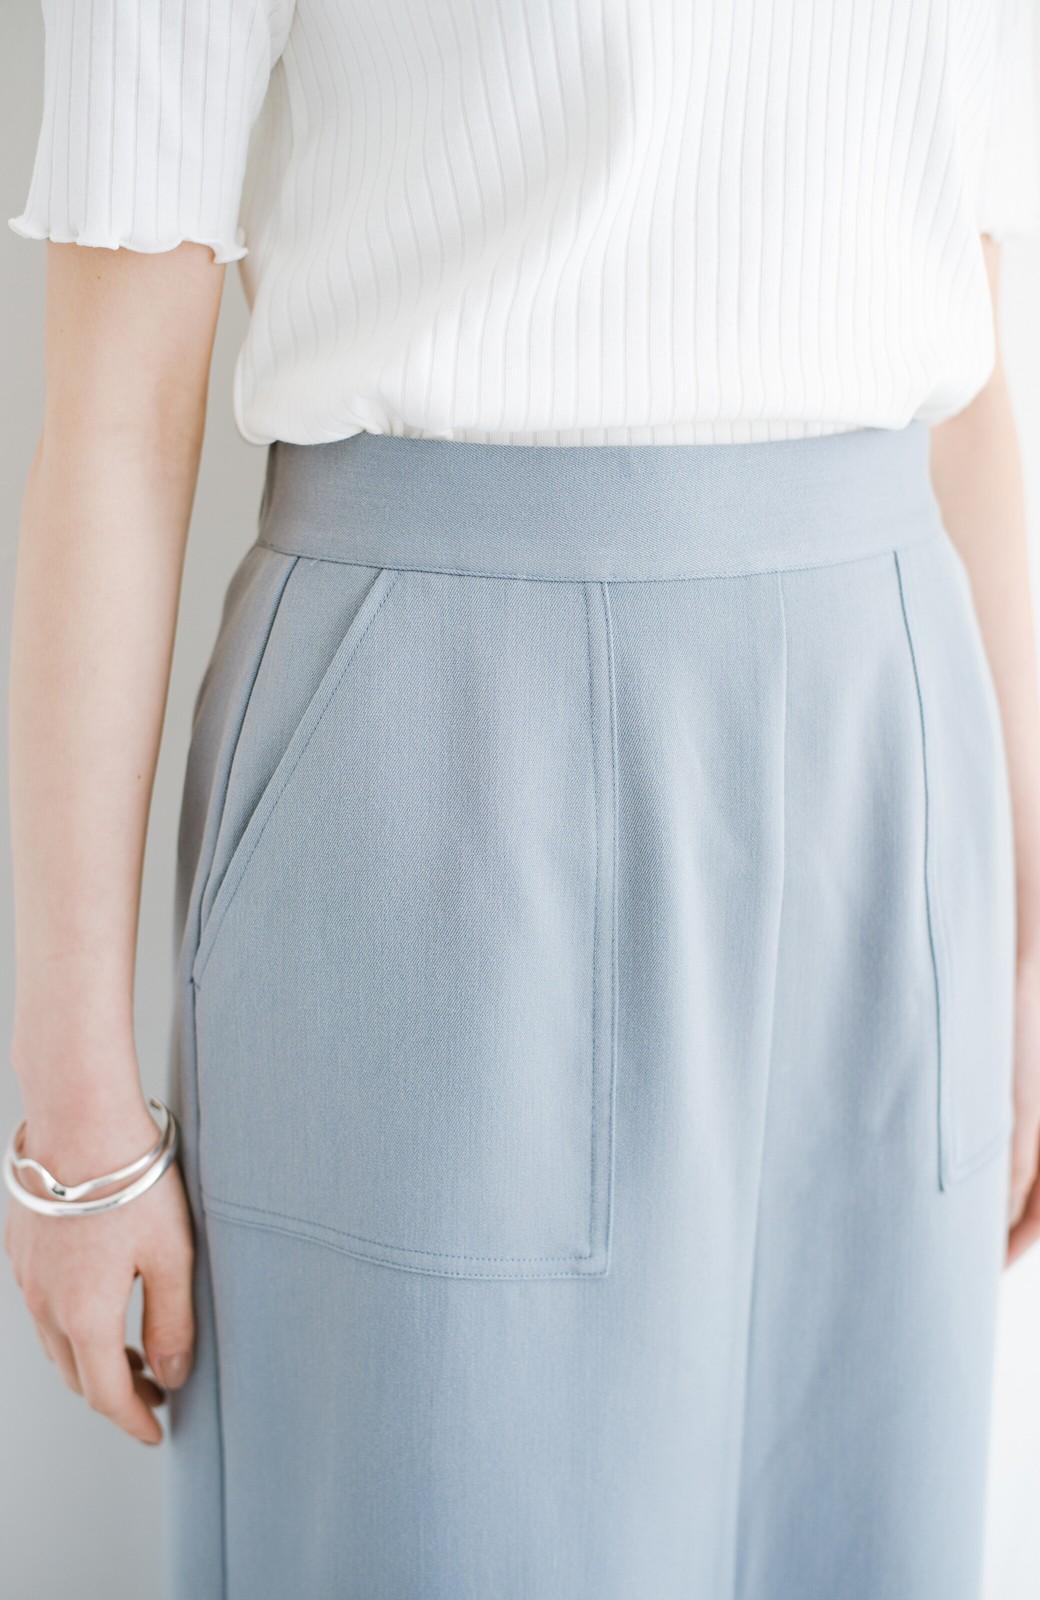 haco! カジュアルにもきれいめにも着られて便利 スリットが女っぽいセミタイトスカート <ブルー>の商品写真6